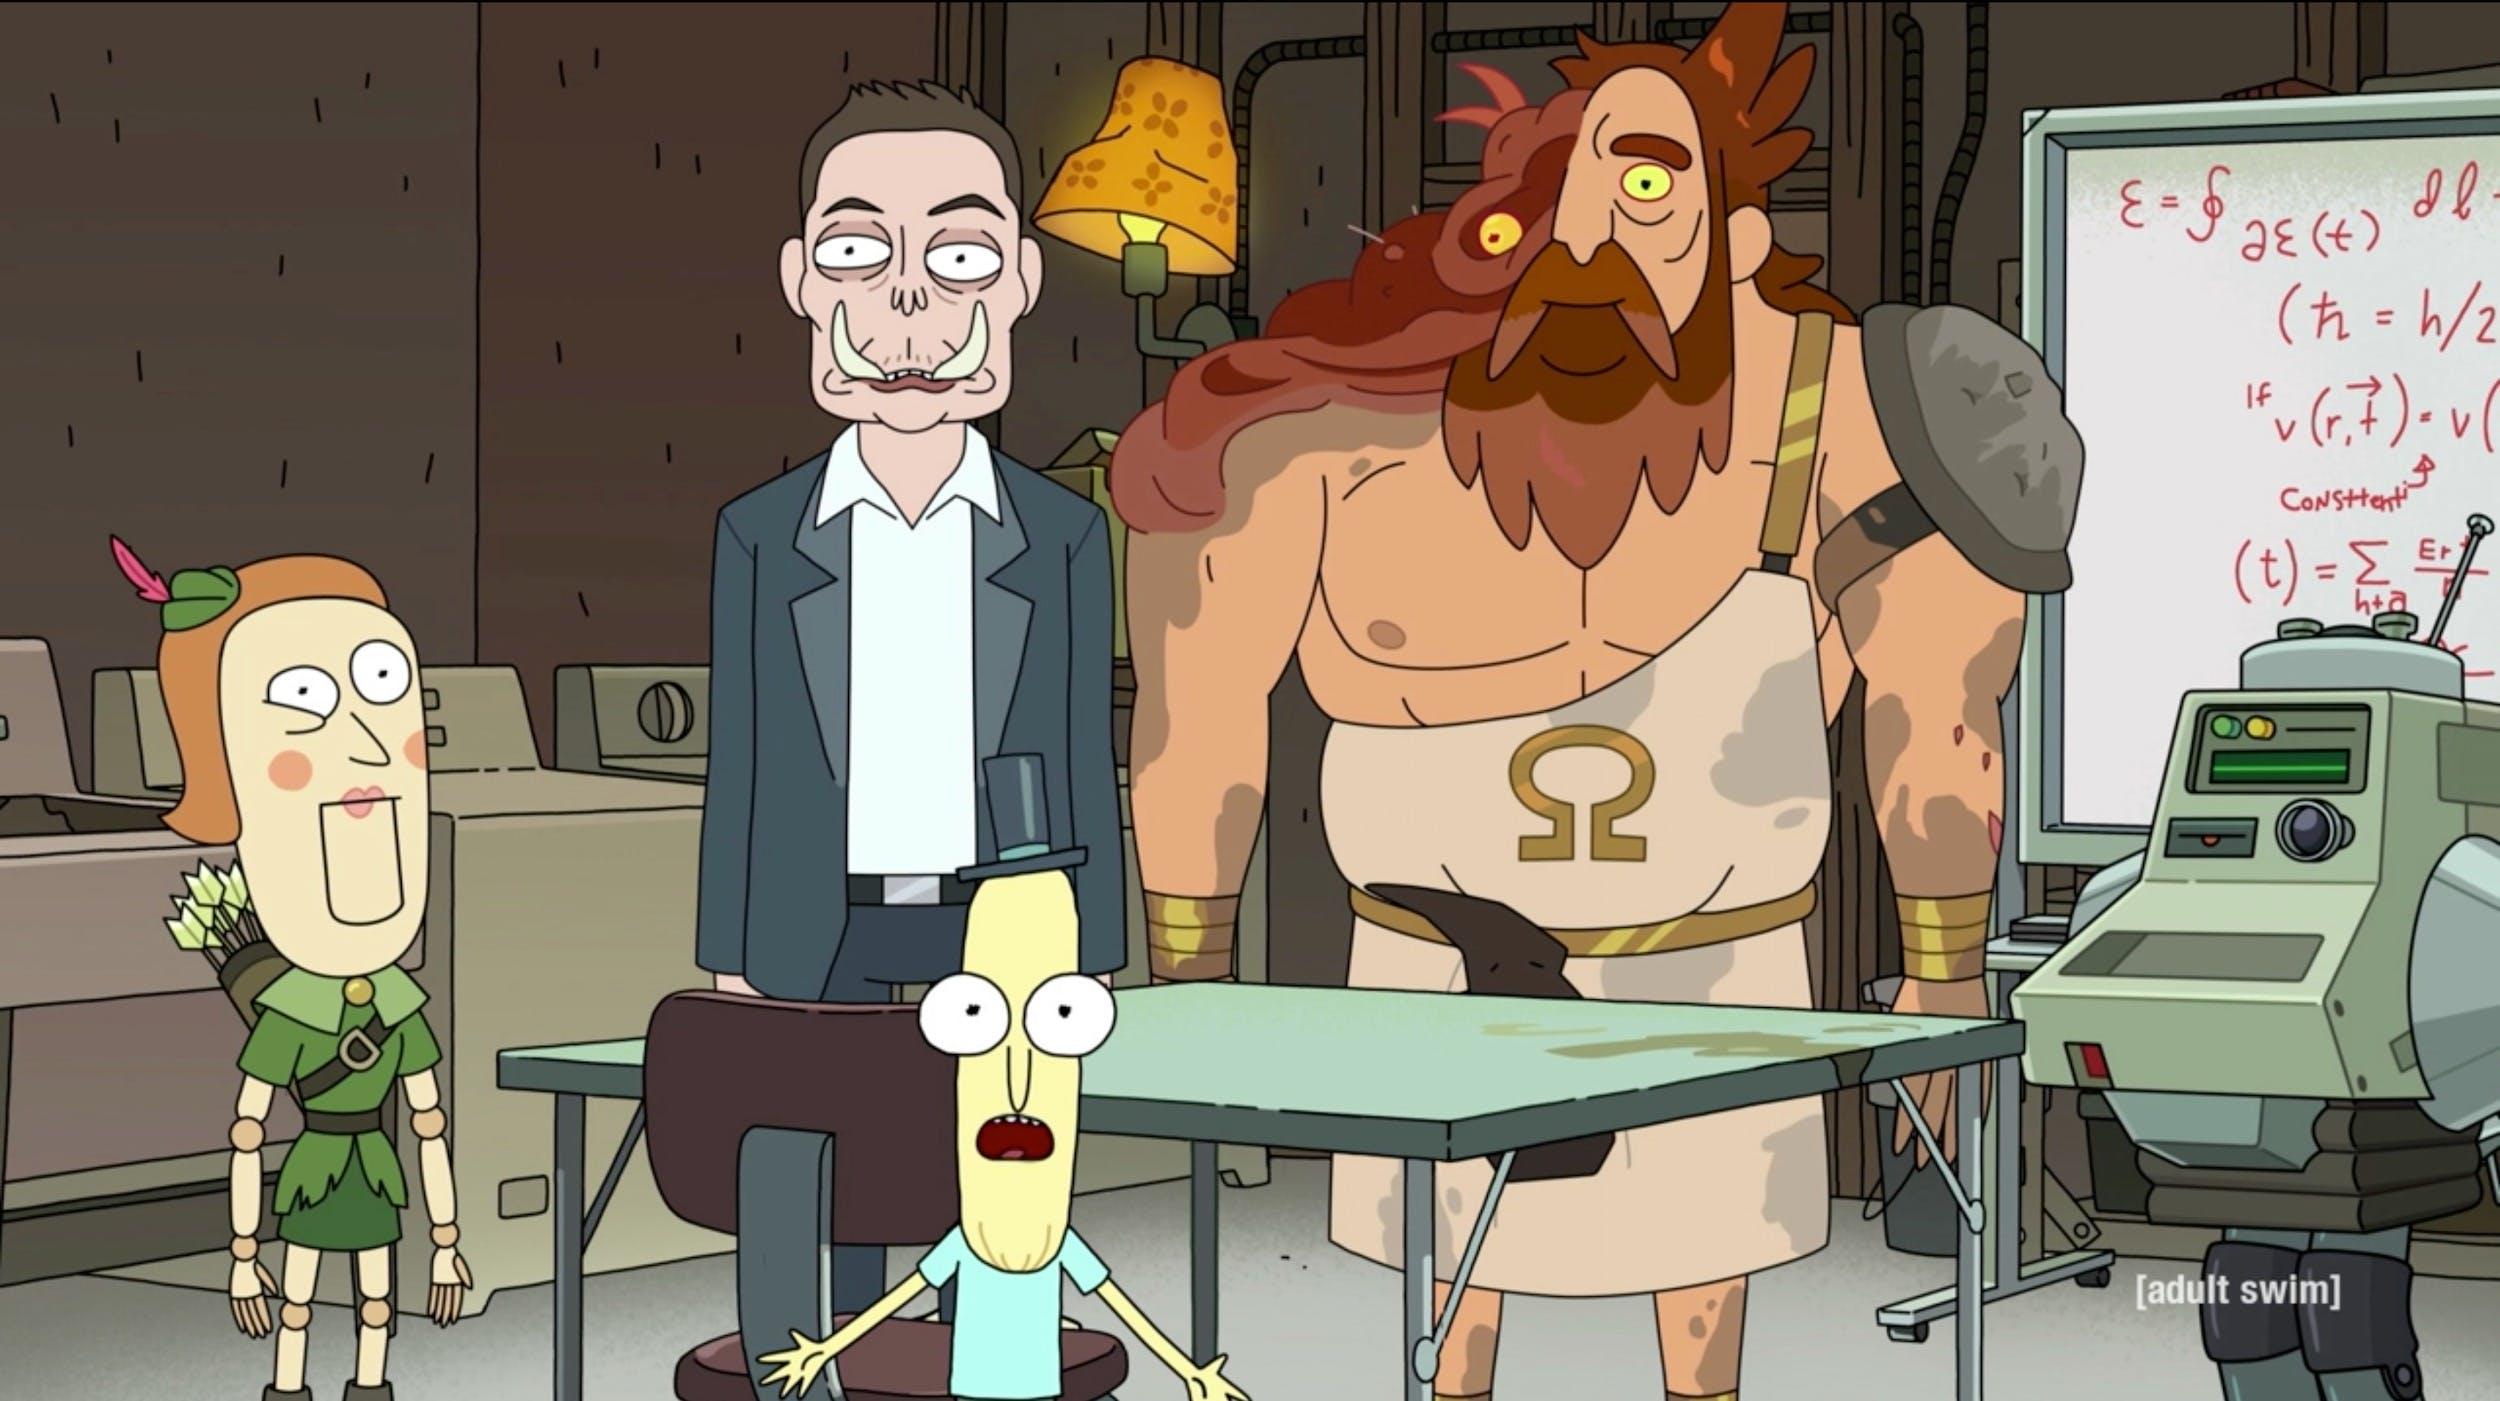 rick and morty season 4 episode 3 recap